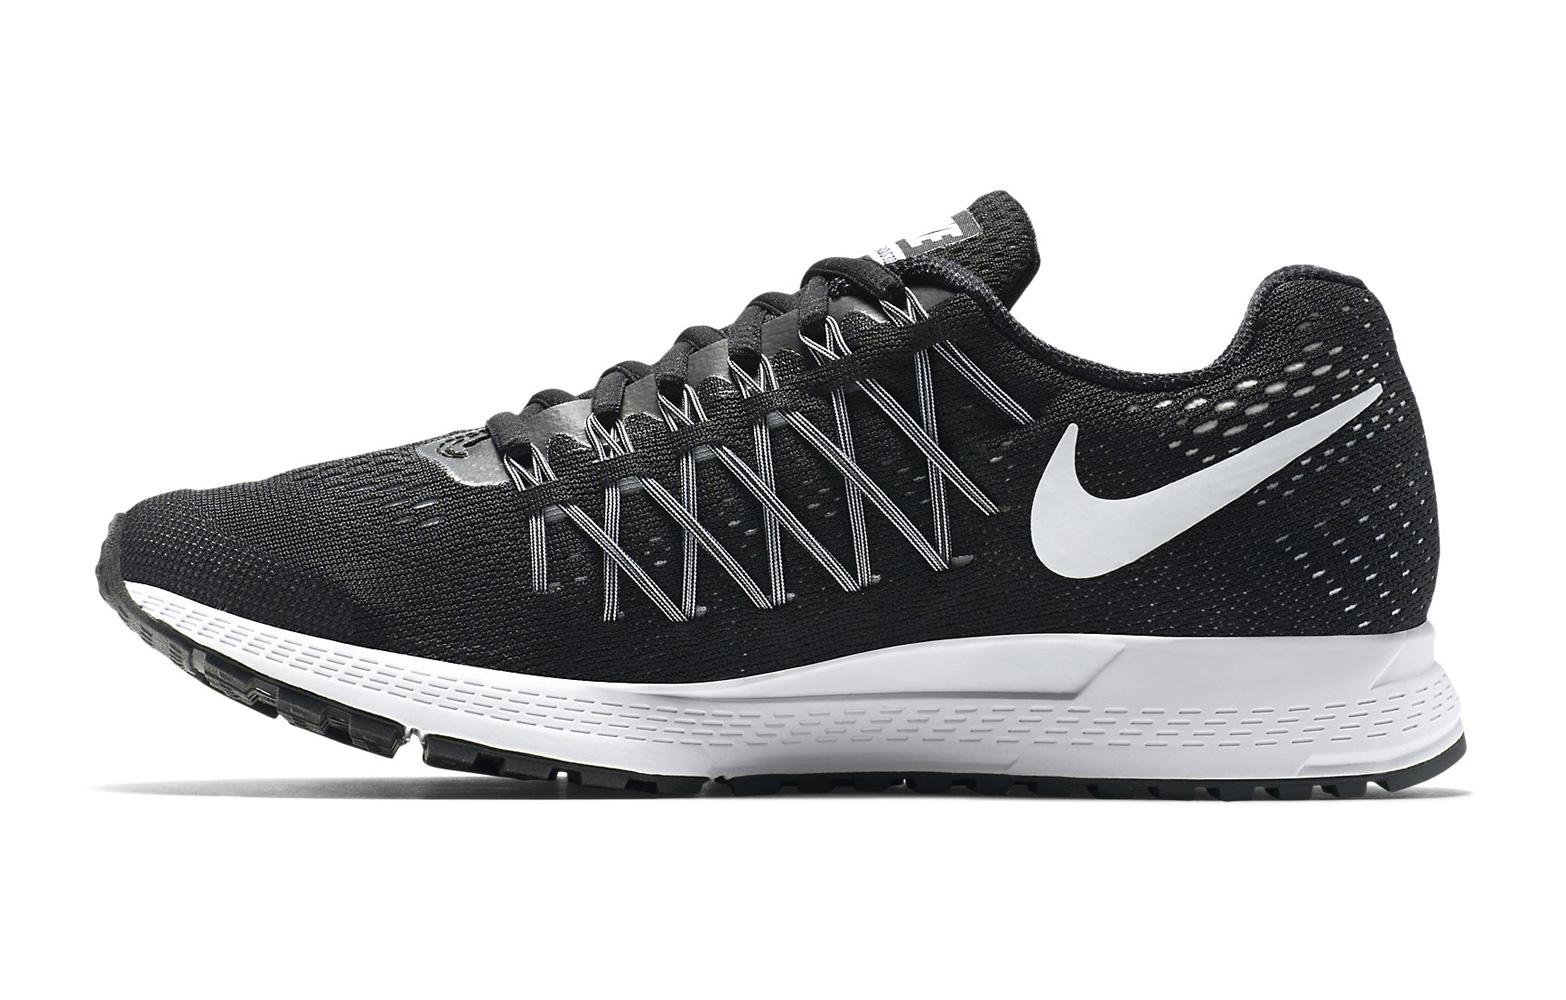 Running De 32 Pegasus Nike Femme Chaussures Noir Zoom Air OAF1SFwx